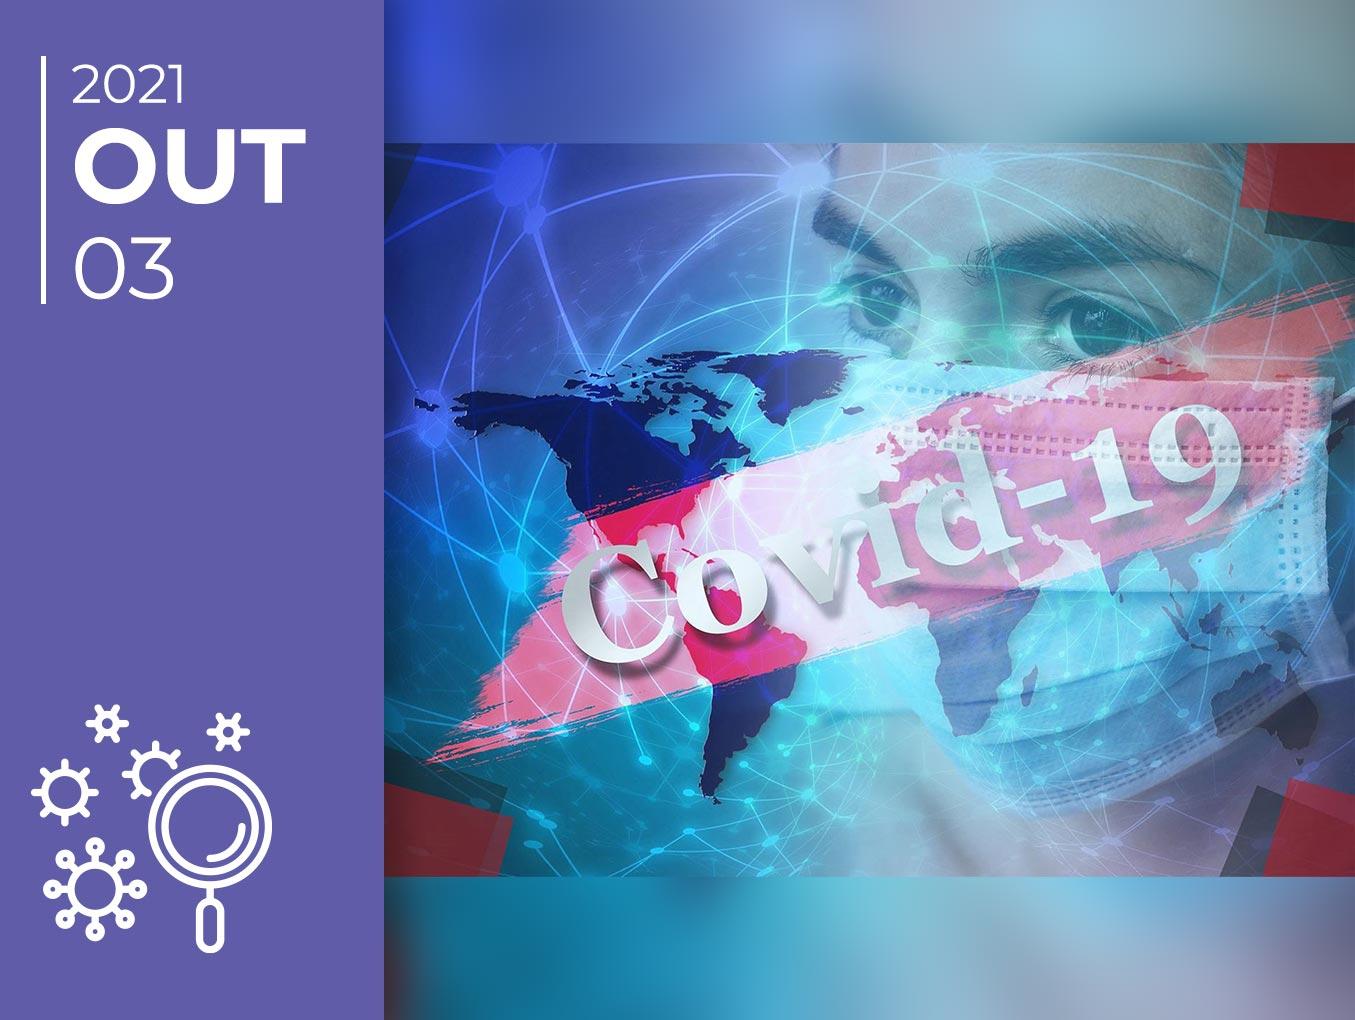 Covid-19 pelo mundo afora: 03-10-21